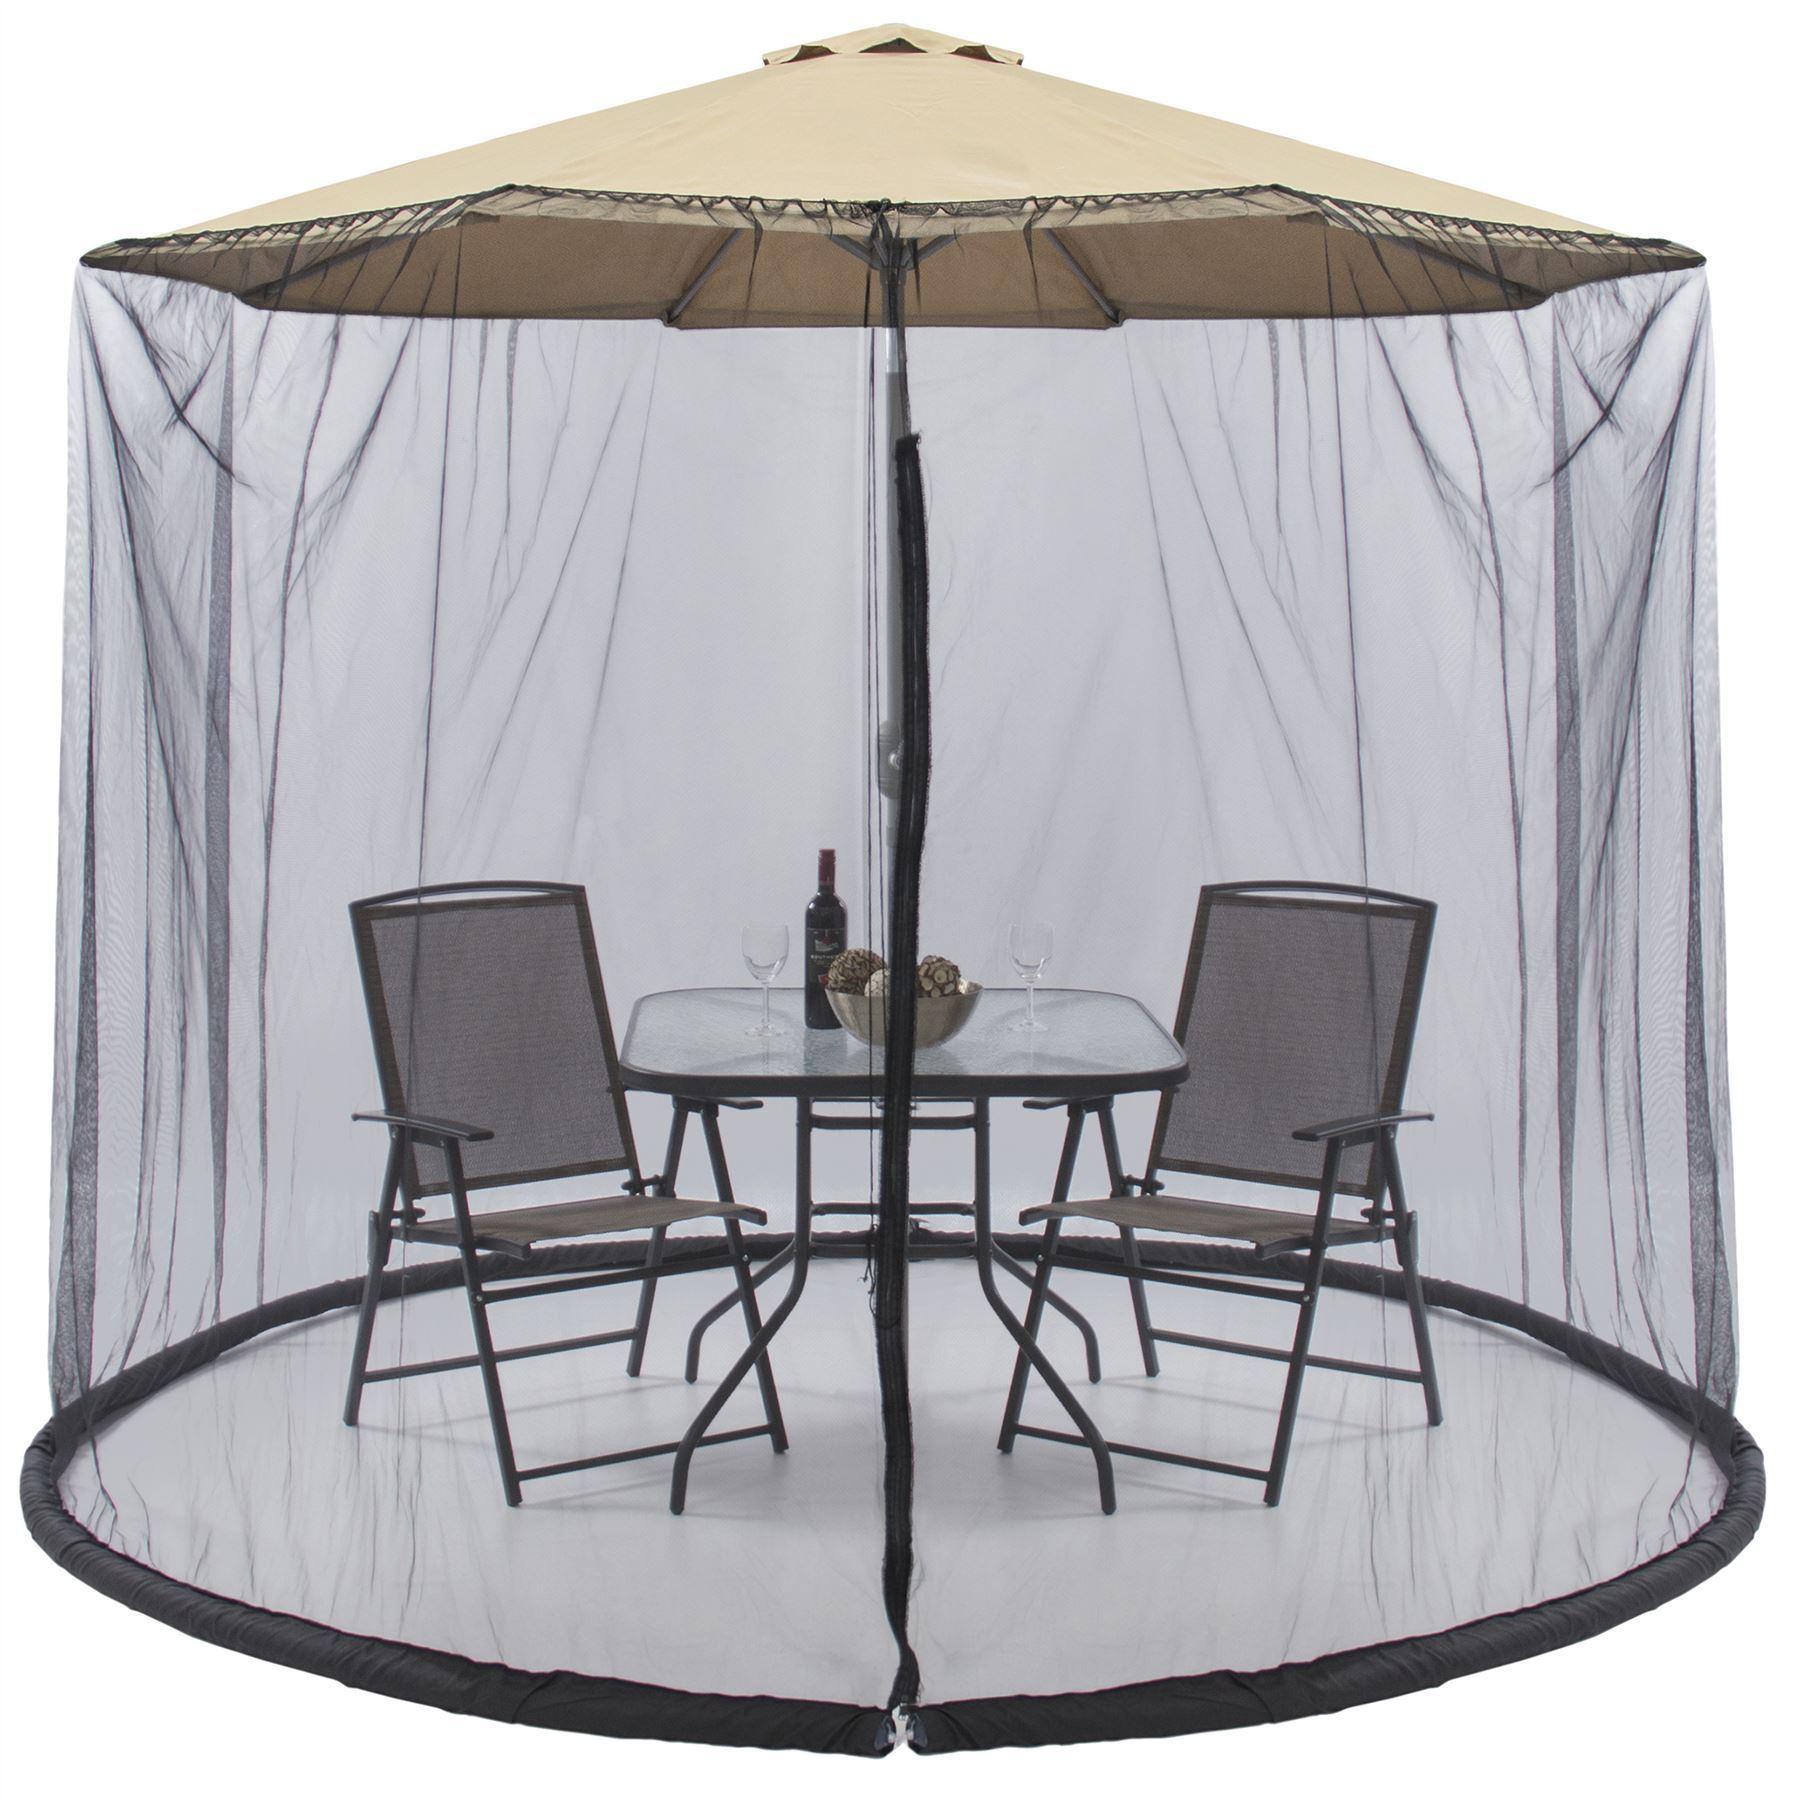 New Patio Picnic 7.5 FT Umbrella Table Screen Enclosure